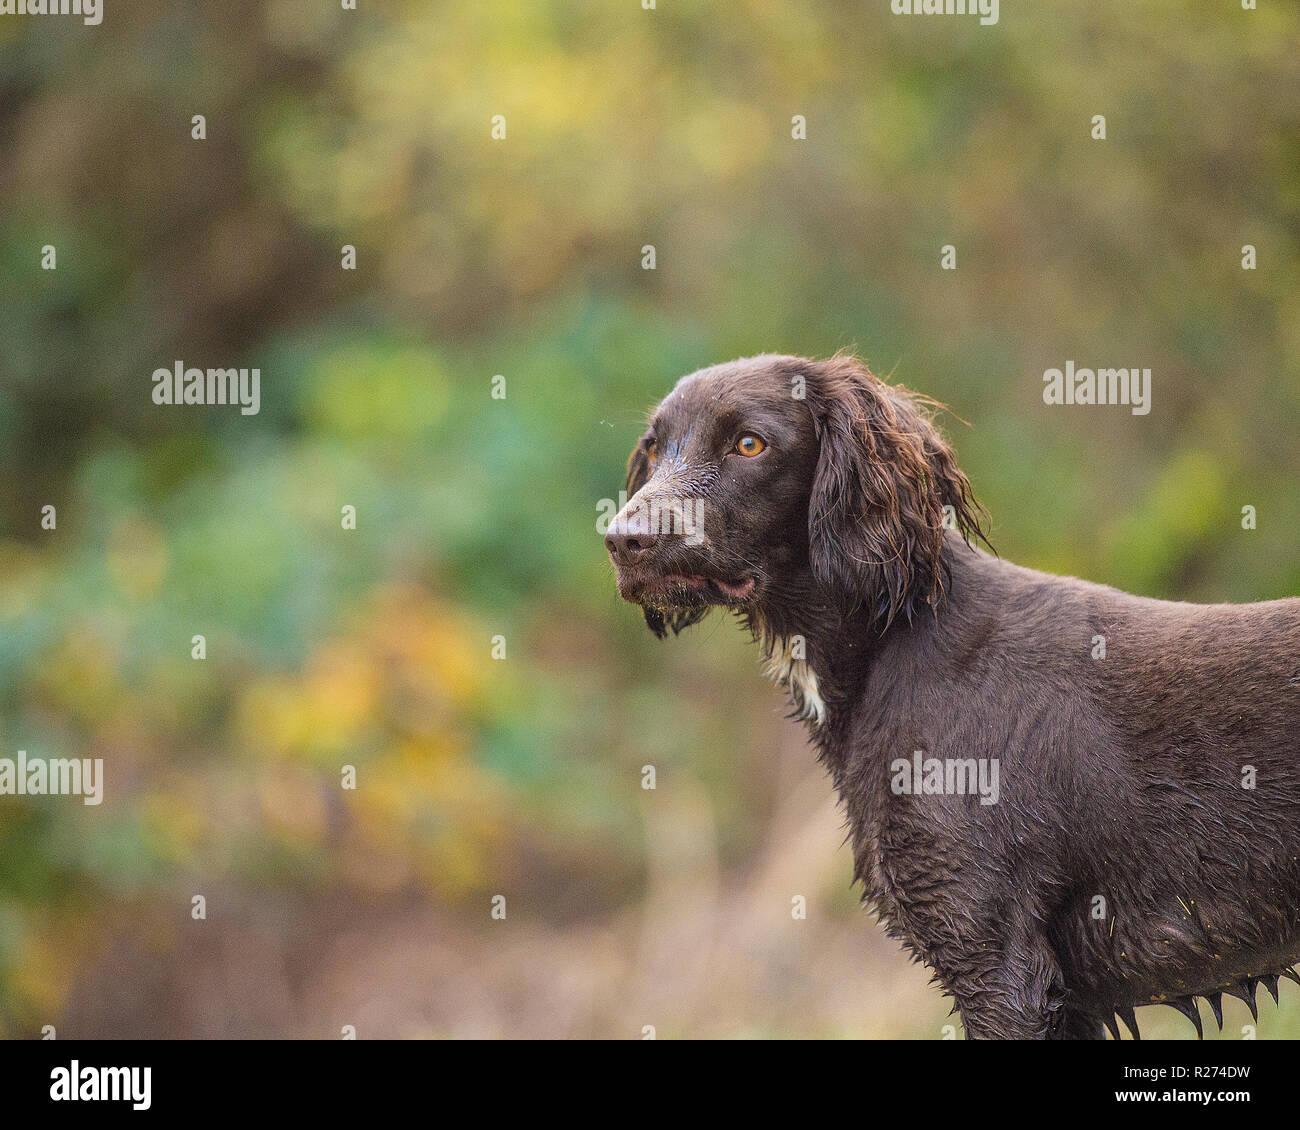 sprocker spaniel - Stock Image